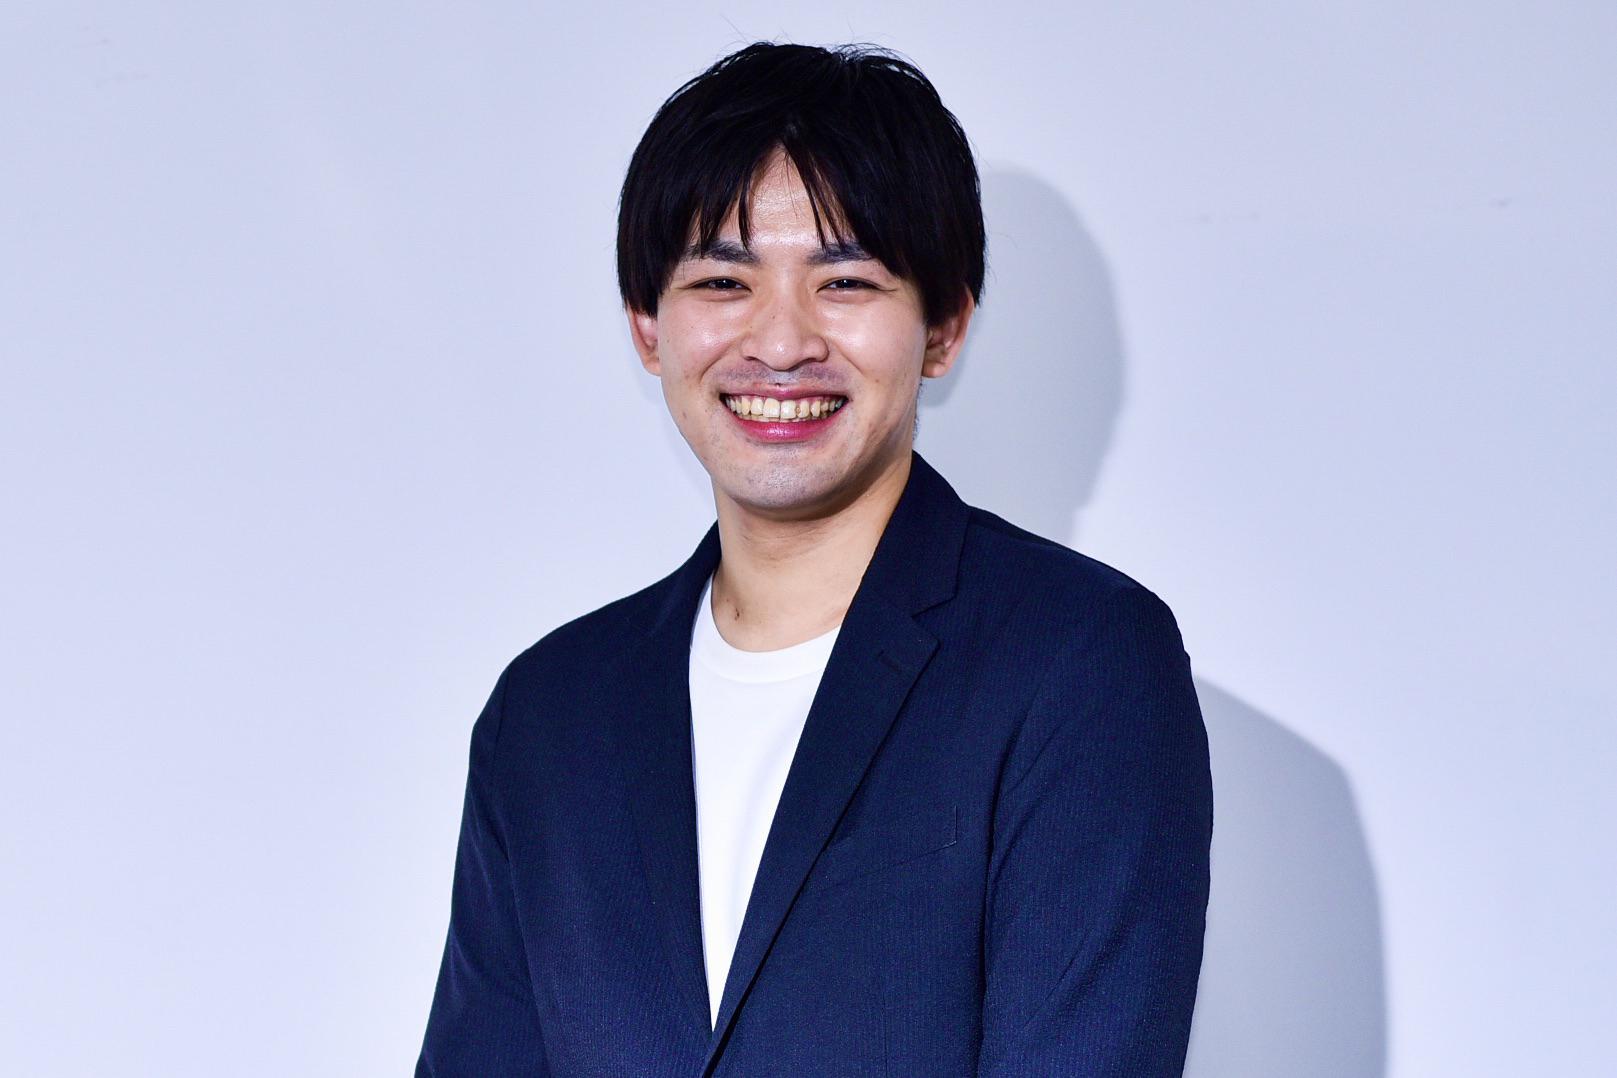 渡邊 友浩